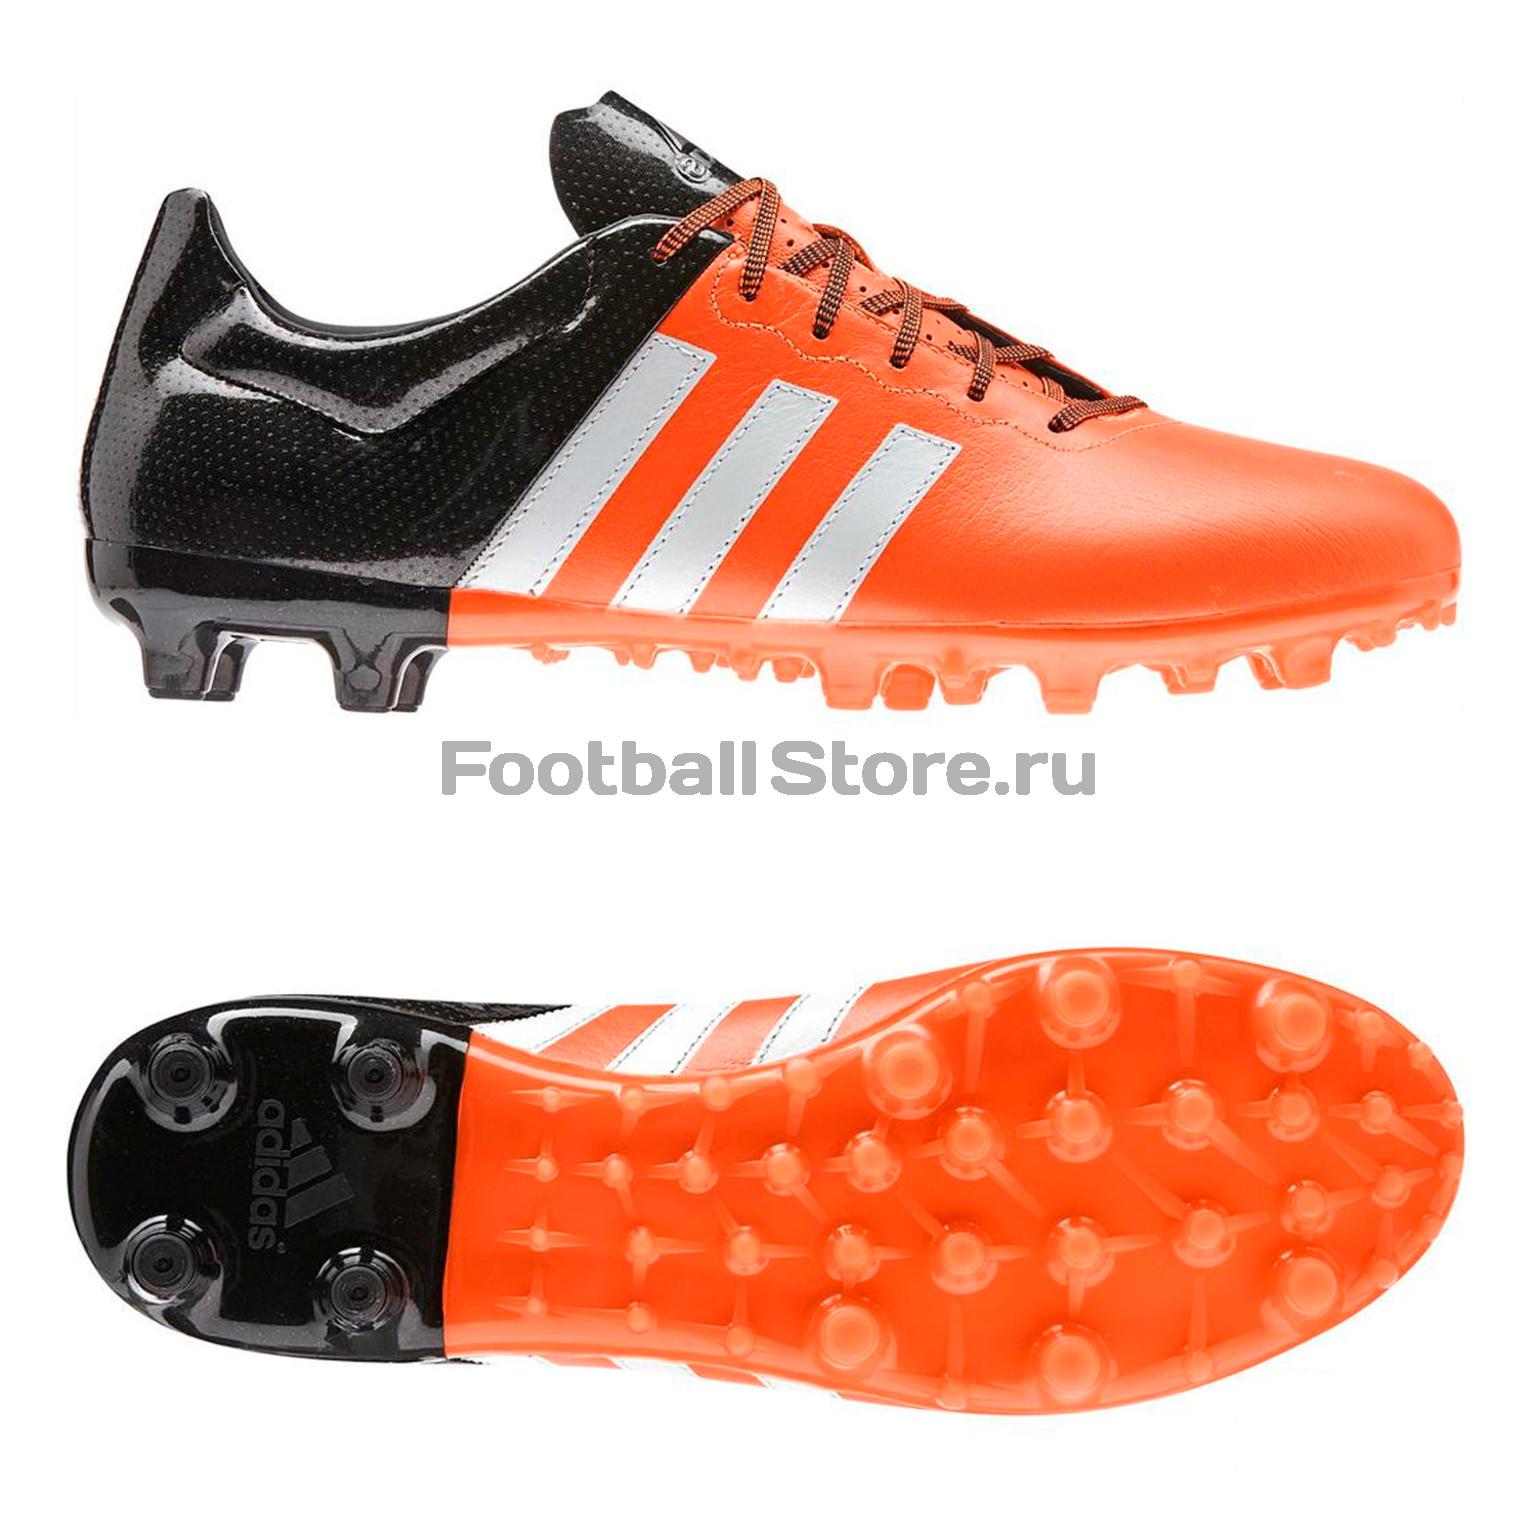 572ce3c2 Бутсы Adidas ACE 15.3 FG/AG B32812 – купить бутсы в интернет ...